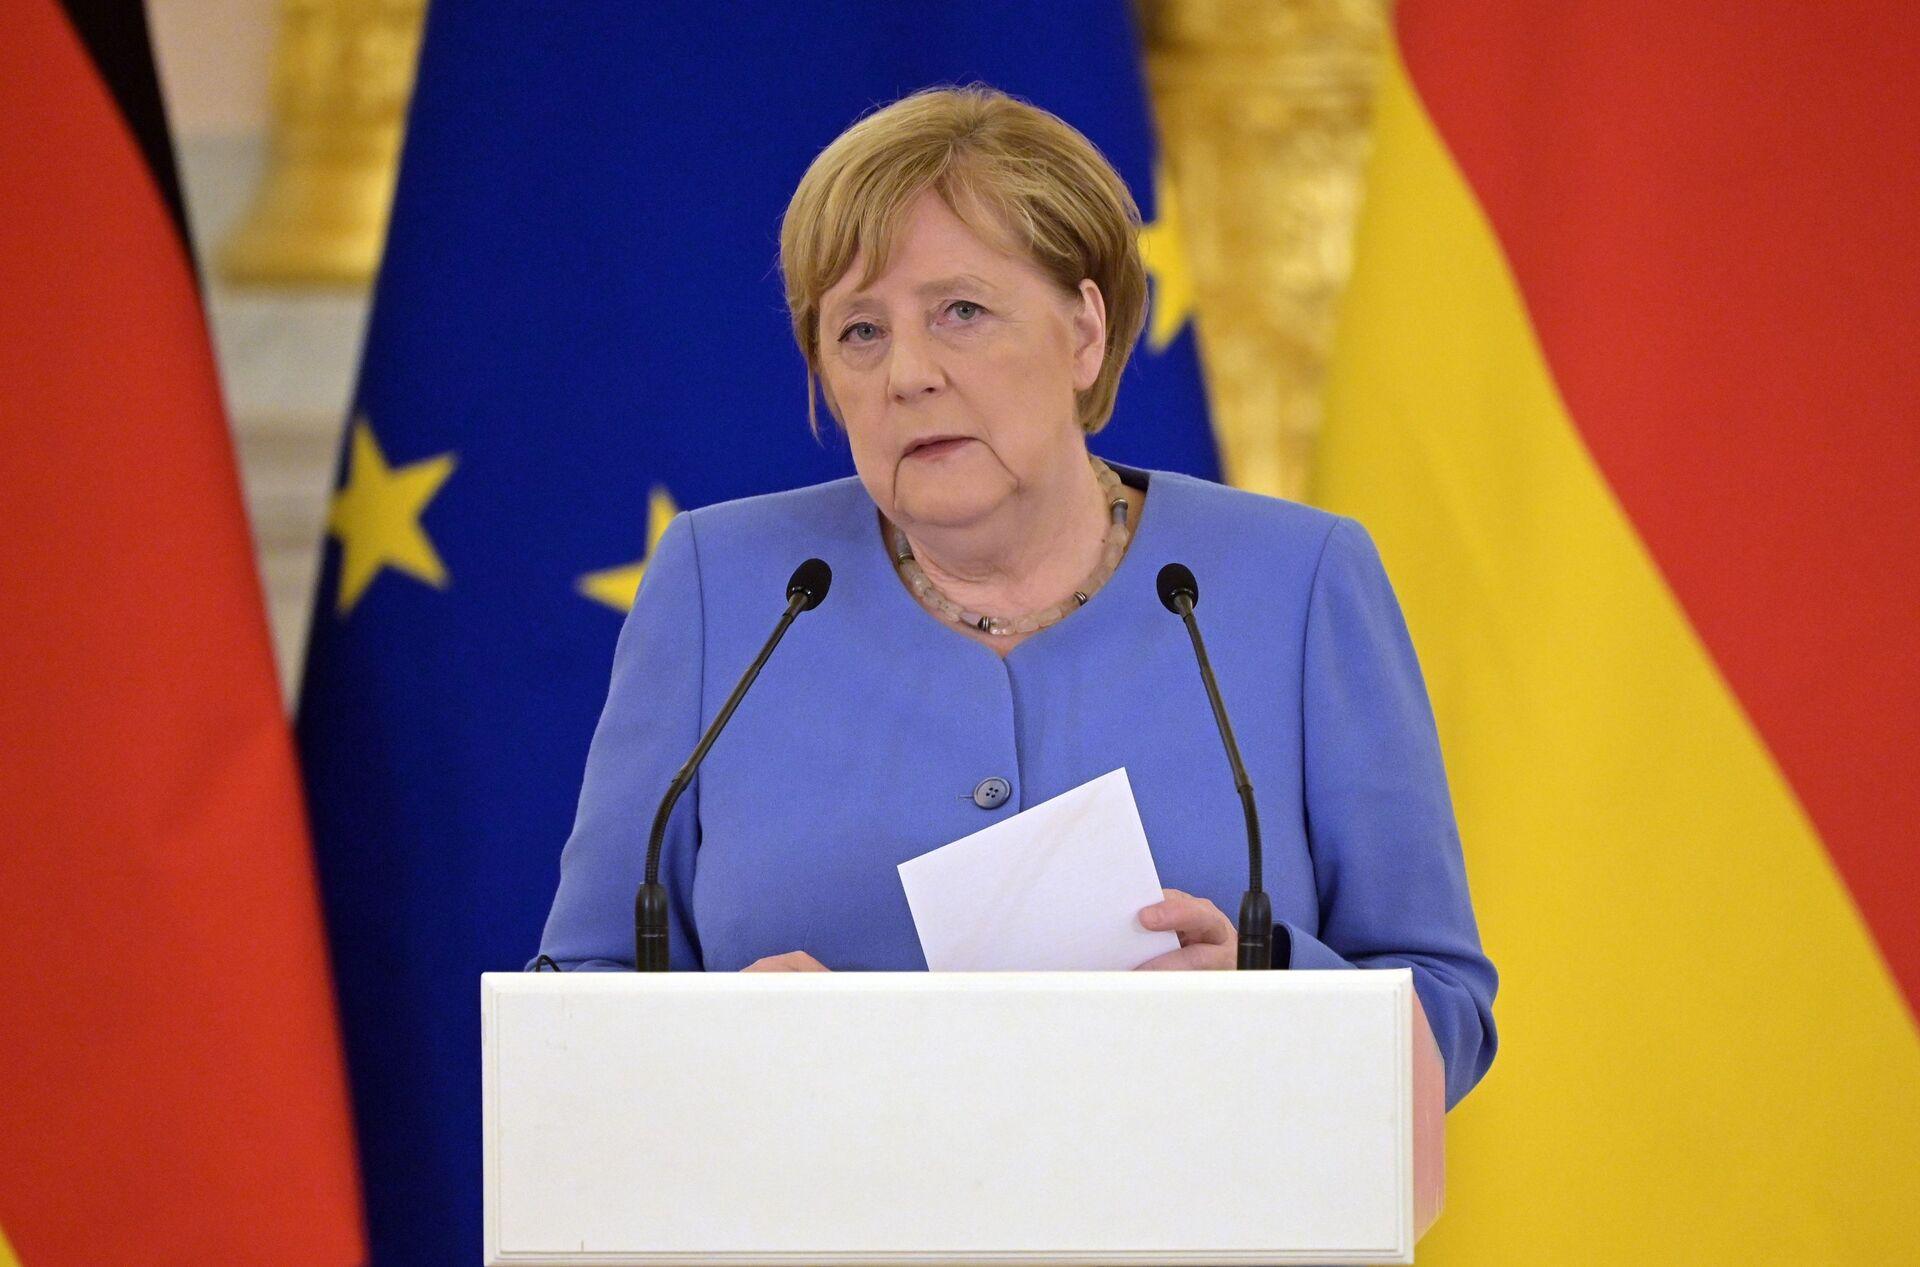 Thủ tướng Đức Angela Merkel trong cuộc họp báo sau cuộc hội đàm với Vladimir Putin - Sputnik Việt Nam, 1920, 05.10.2021